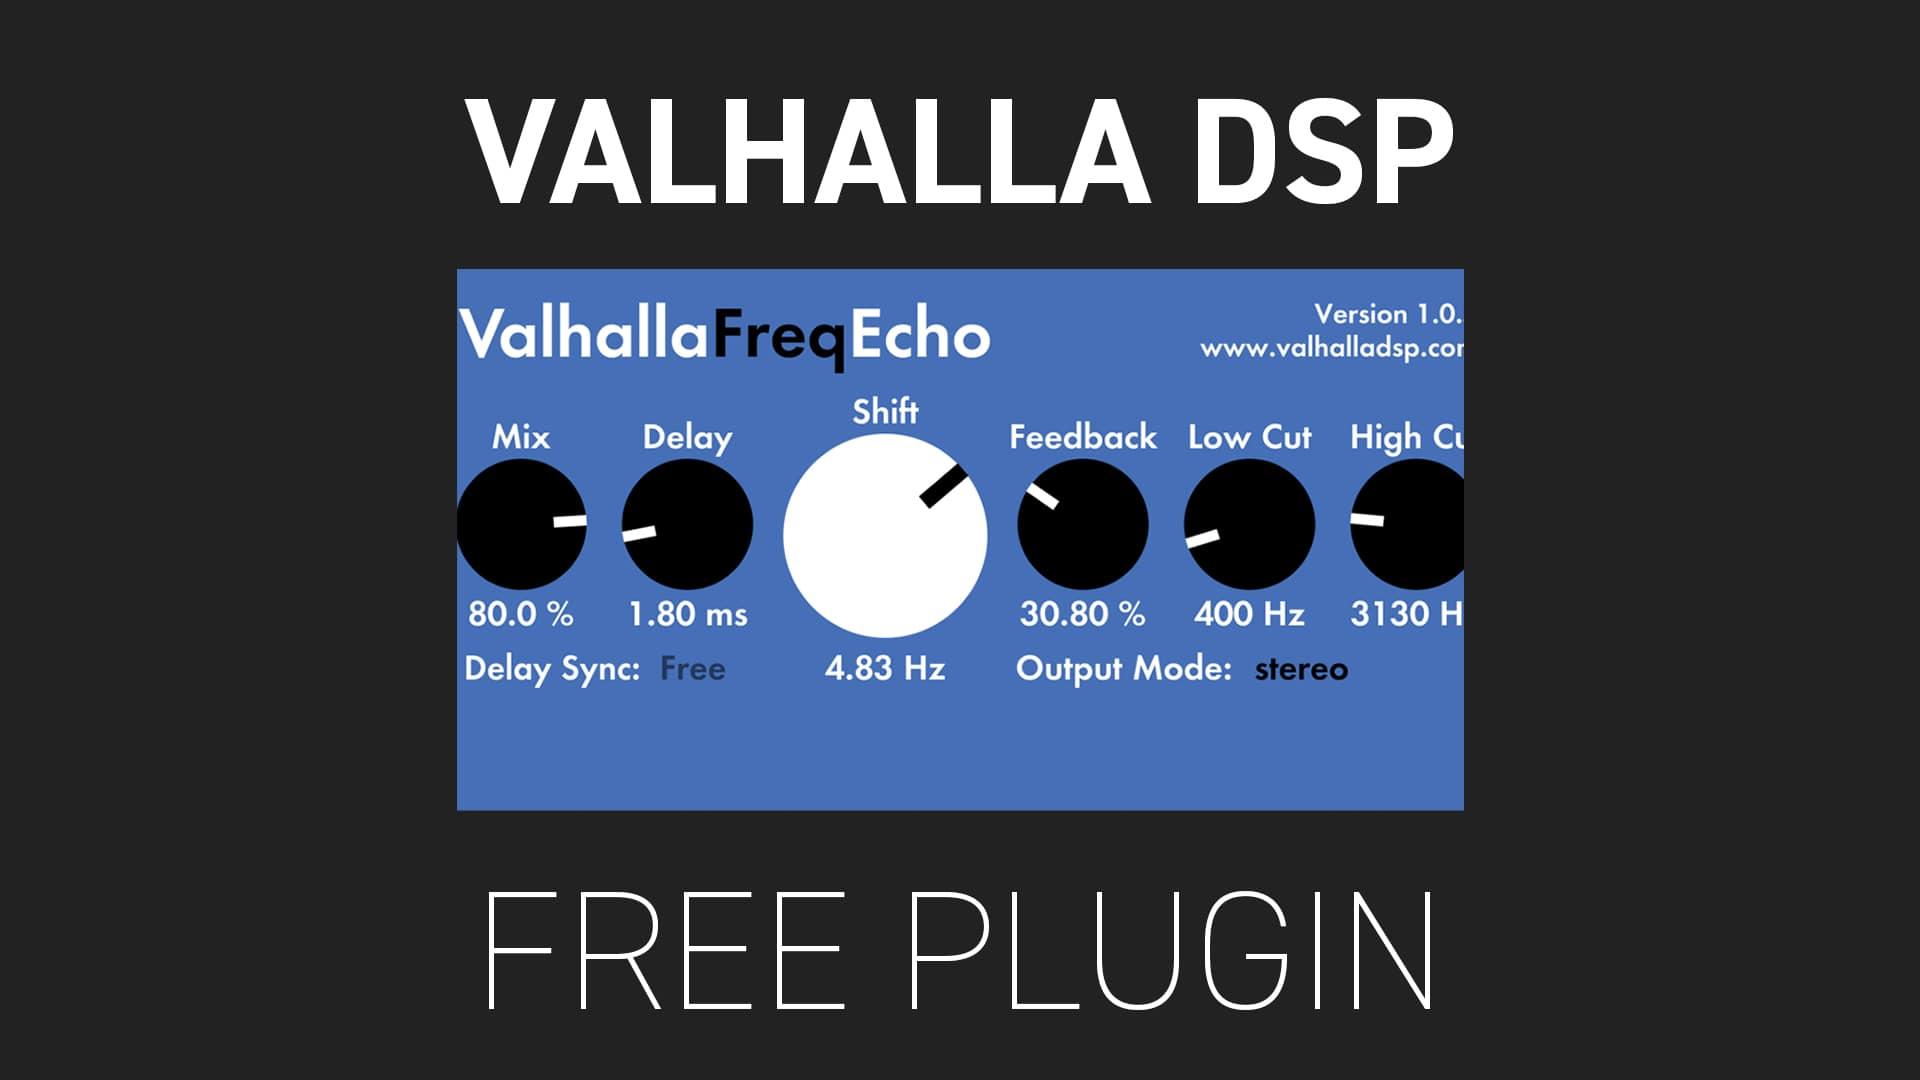 Valhalla DSP free plugin Freq Echo